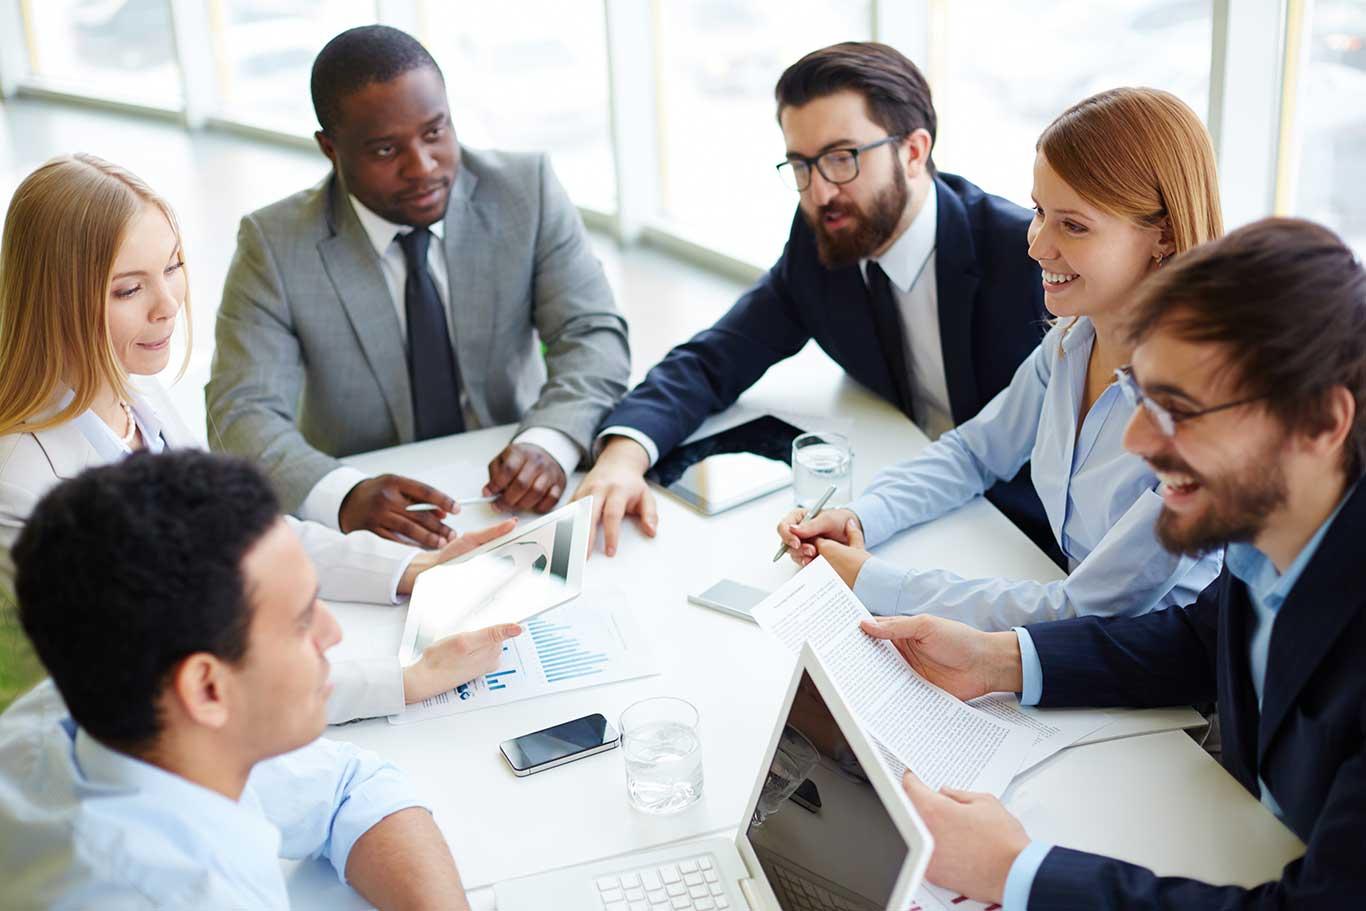 Soluzioni - Comunicare e Collaborare